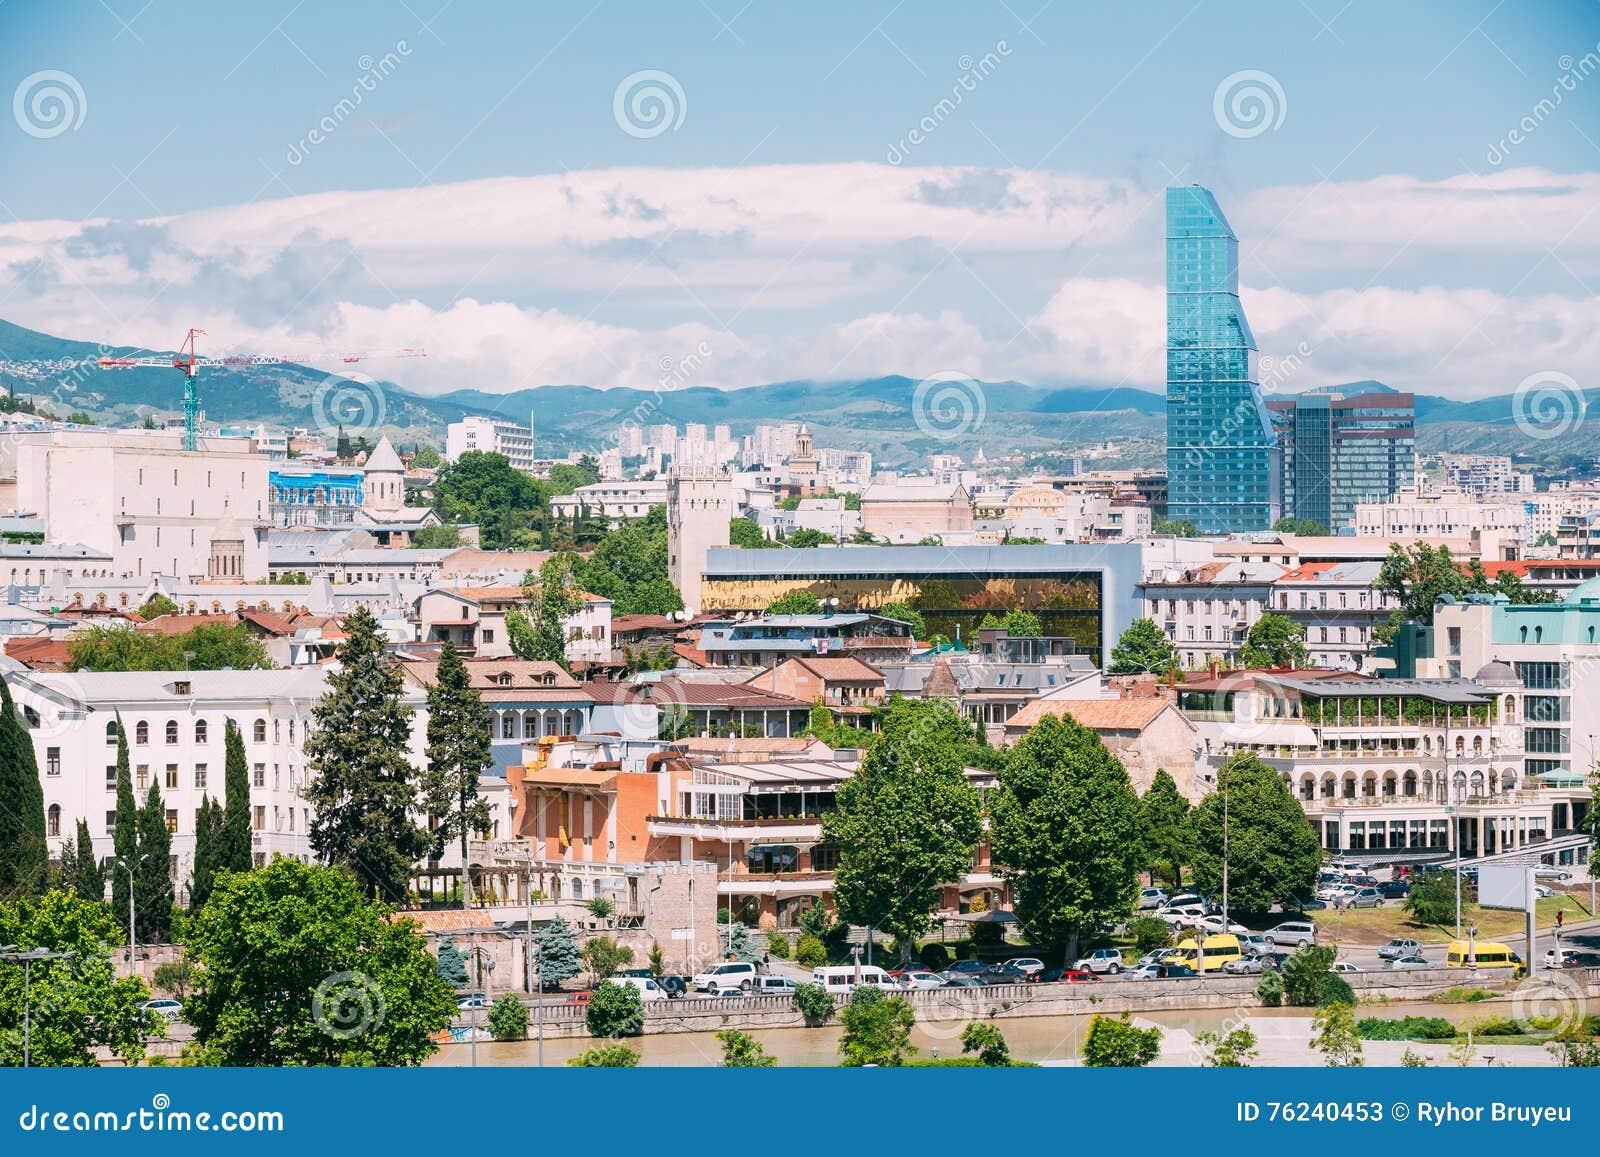 Urban plan Tbilisi Georgia PDF